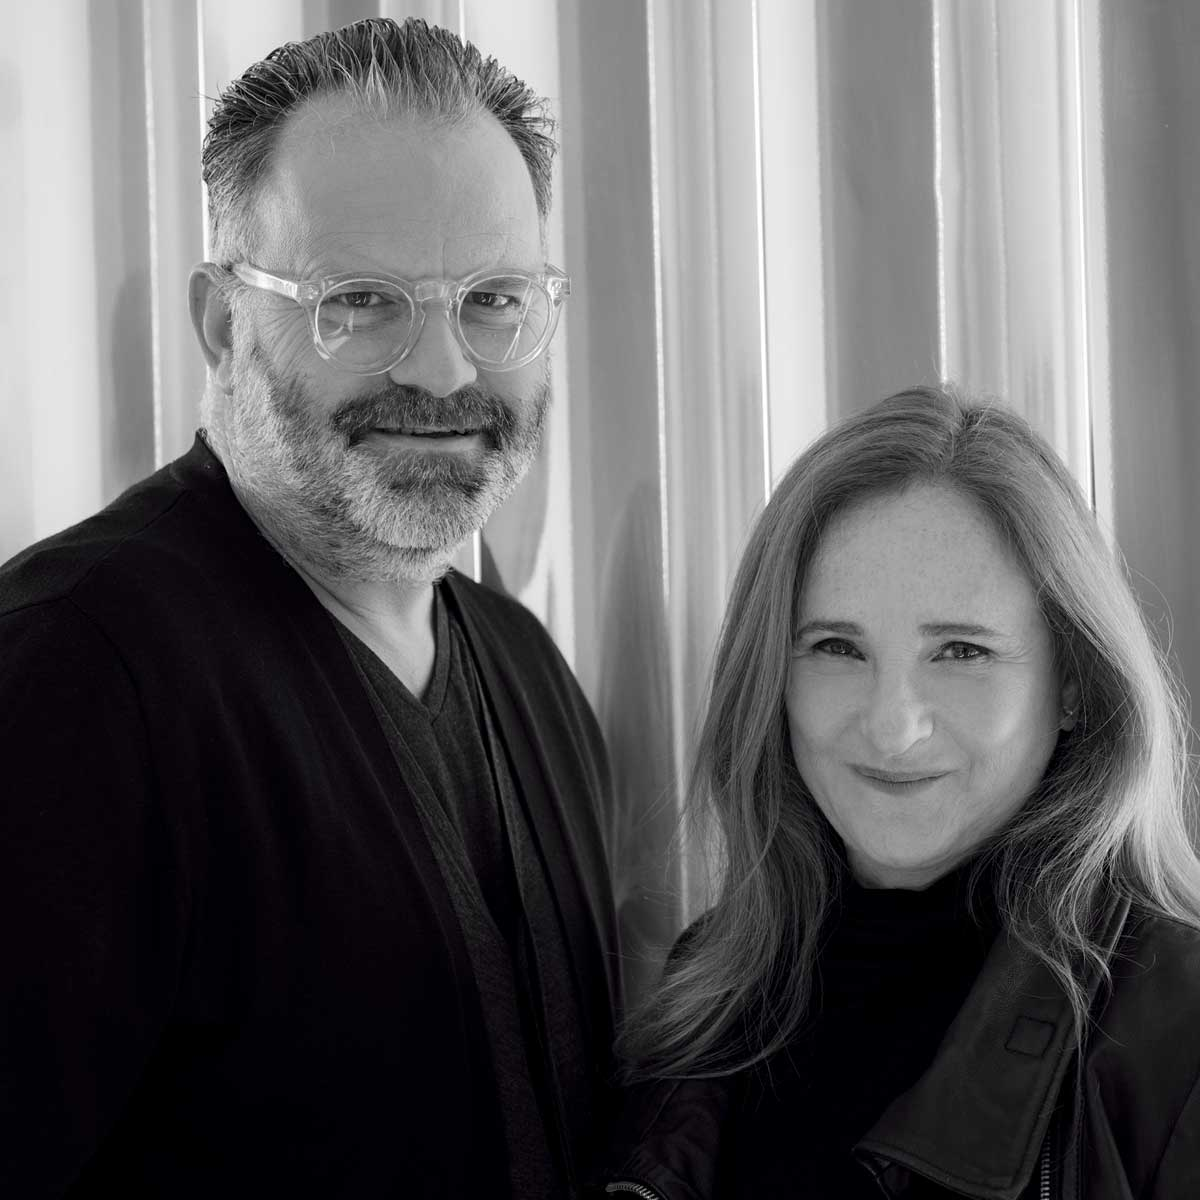 Irene Kronenberg + Alon Baranowitz